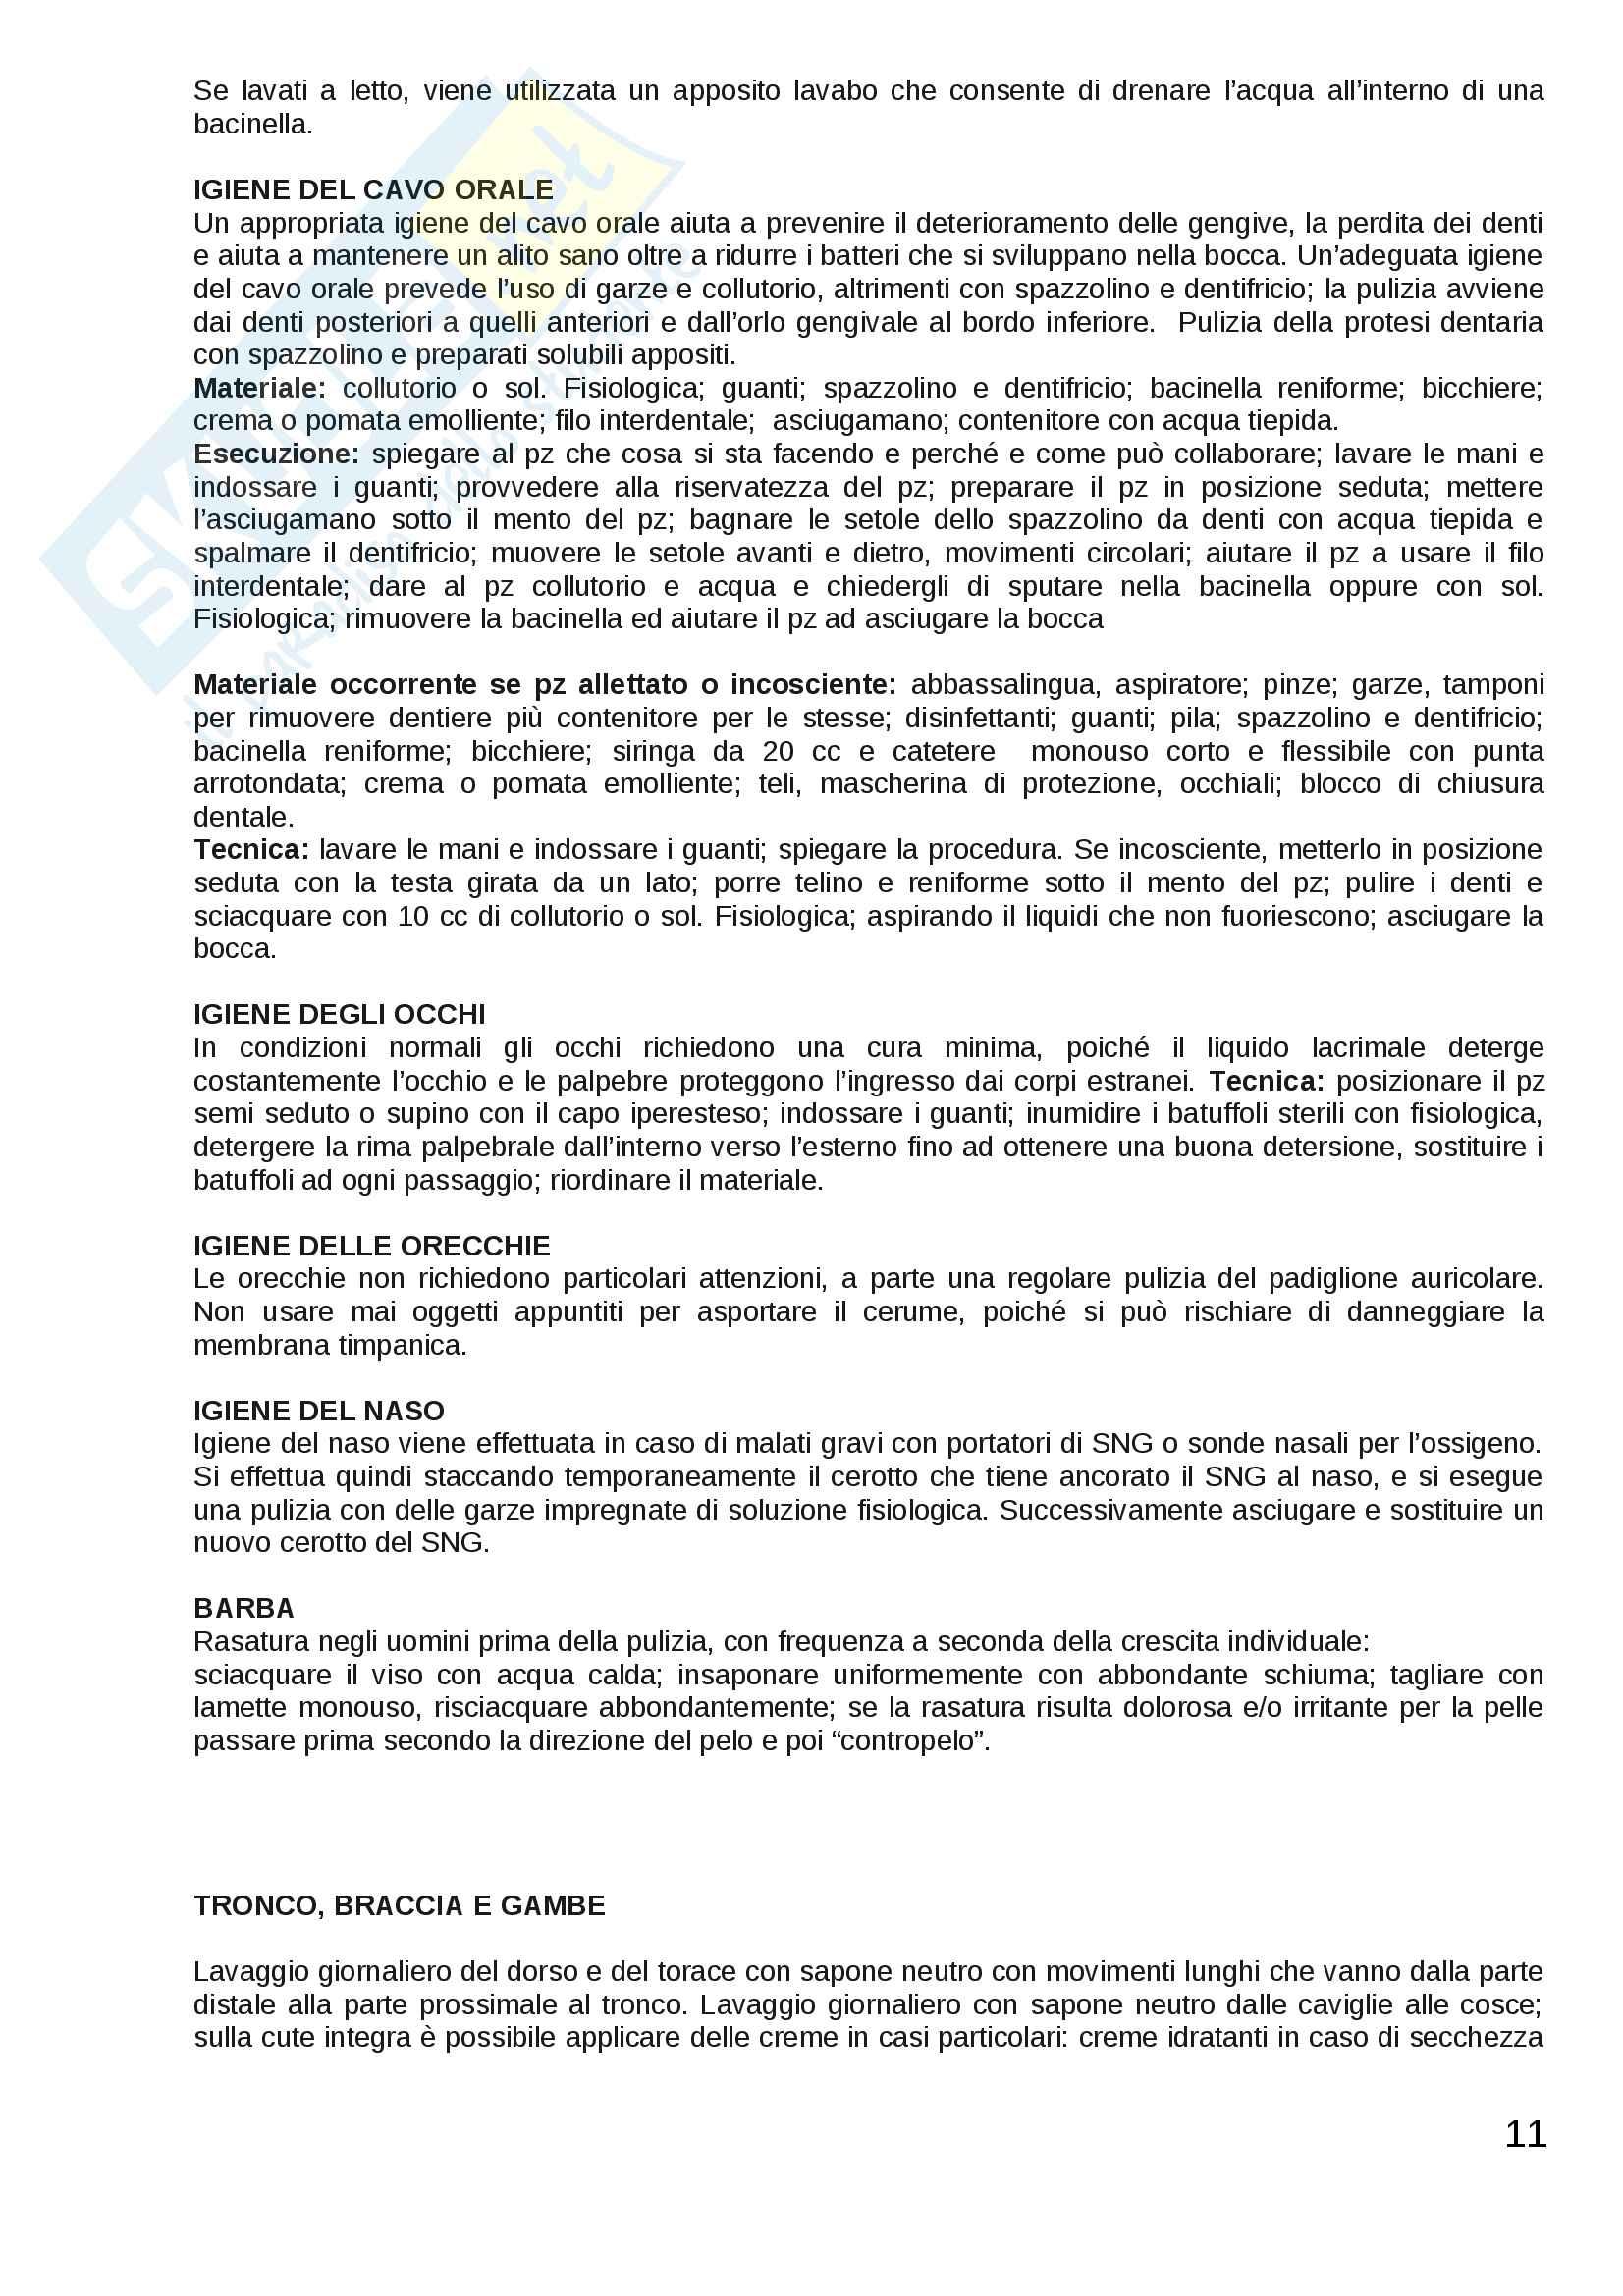 ESAME DI STATO: Corso di scienze infermieristiche Pag. 11